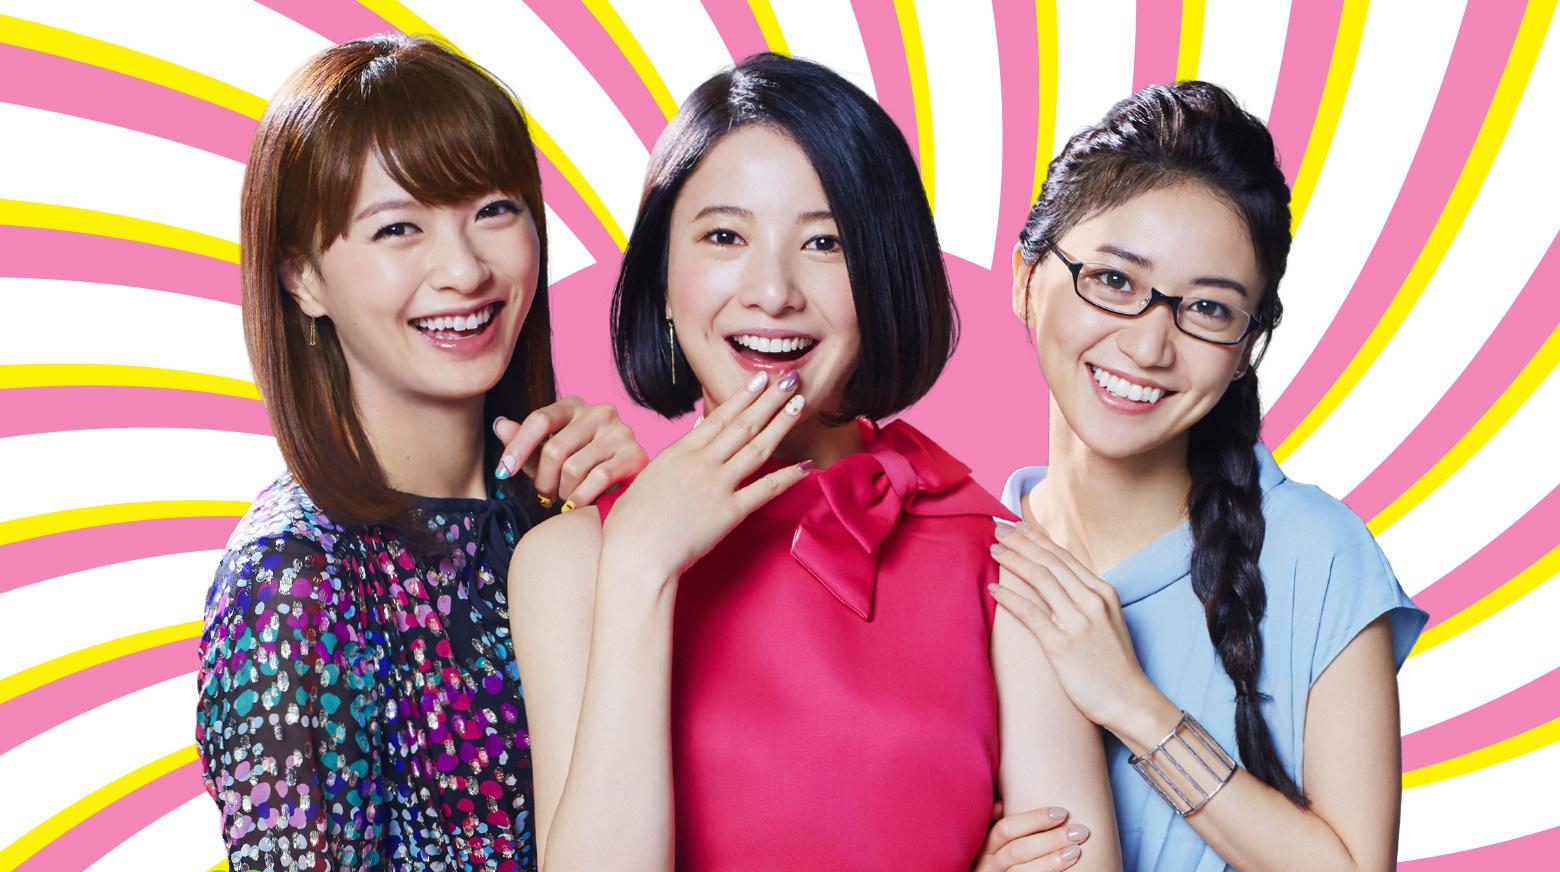 Tokyo Tarareba Girls Episode 1 - 東京タラレバ娘 - Watch Full Episodes Free - Japan  - TV Shows - Rakuten Viki